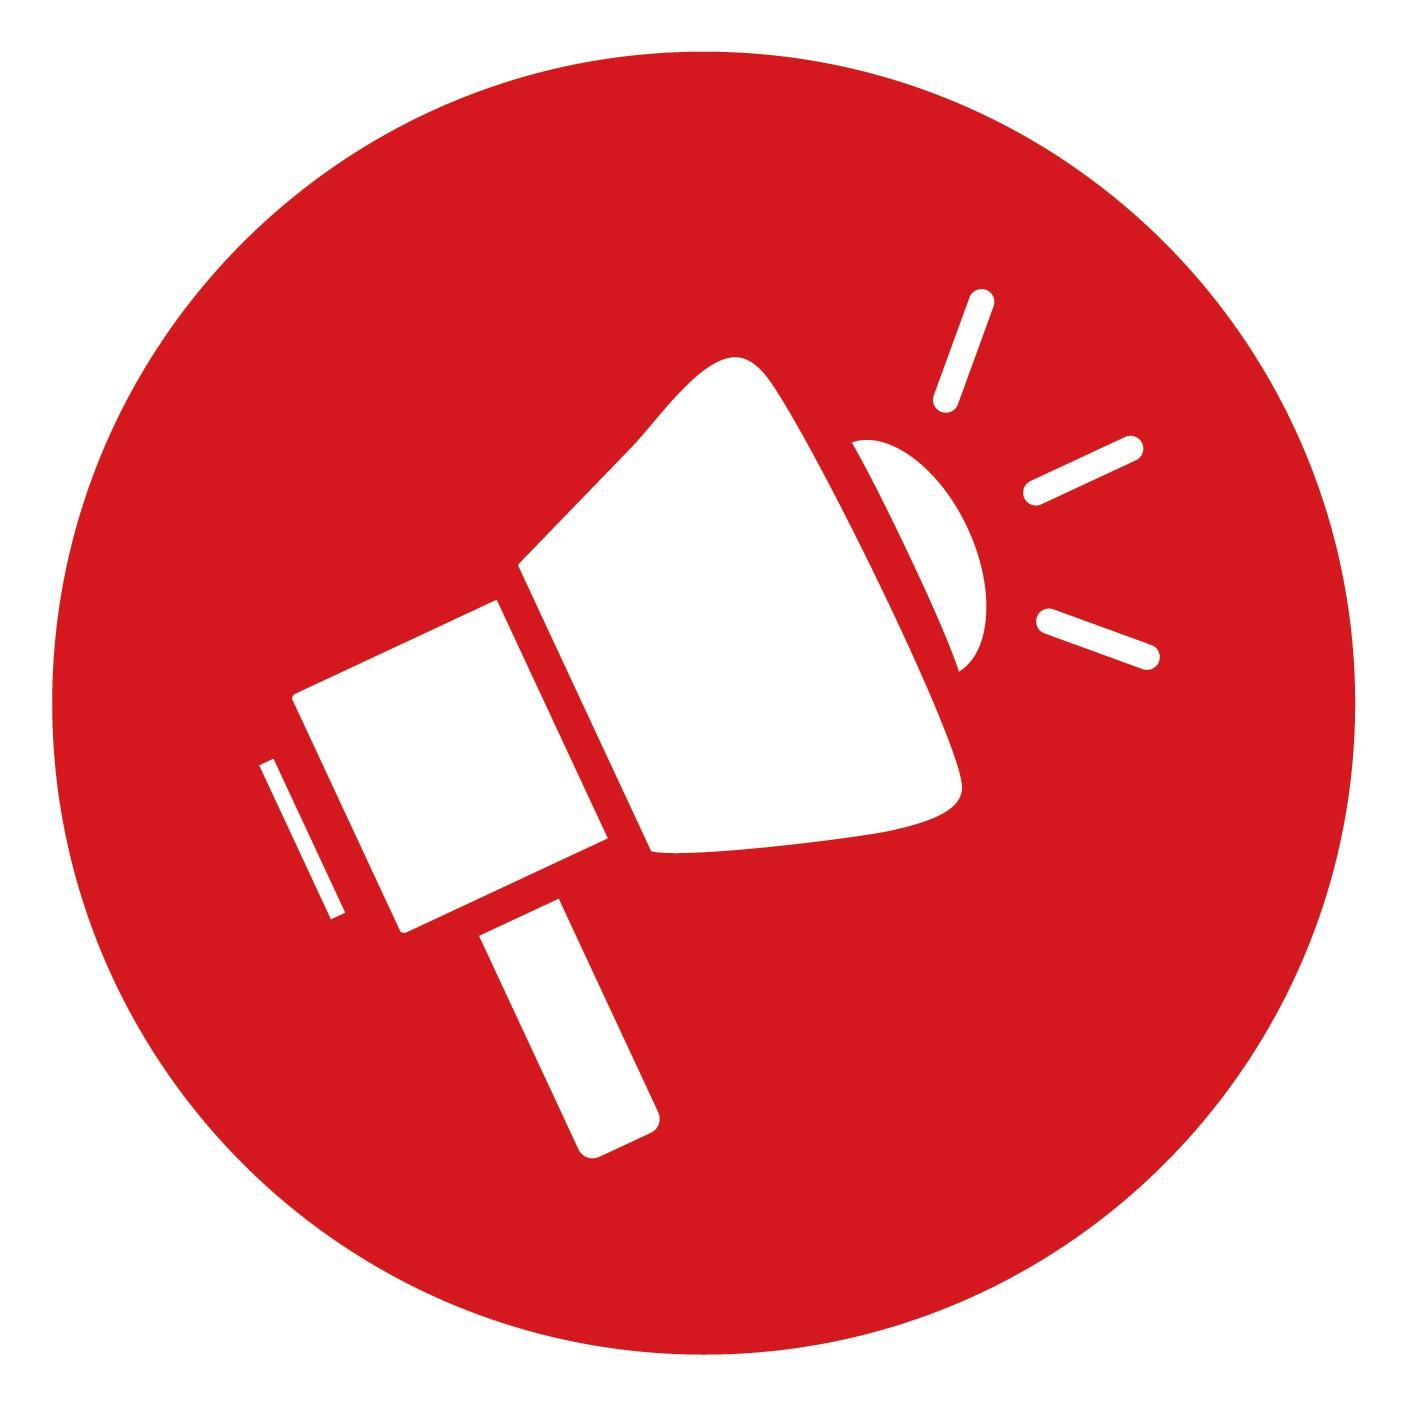 Inbound-marketing-brand-engagement.jpg